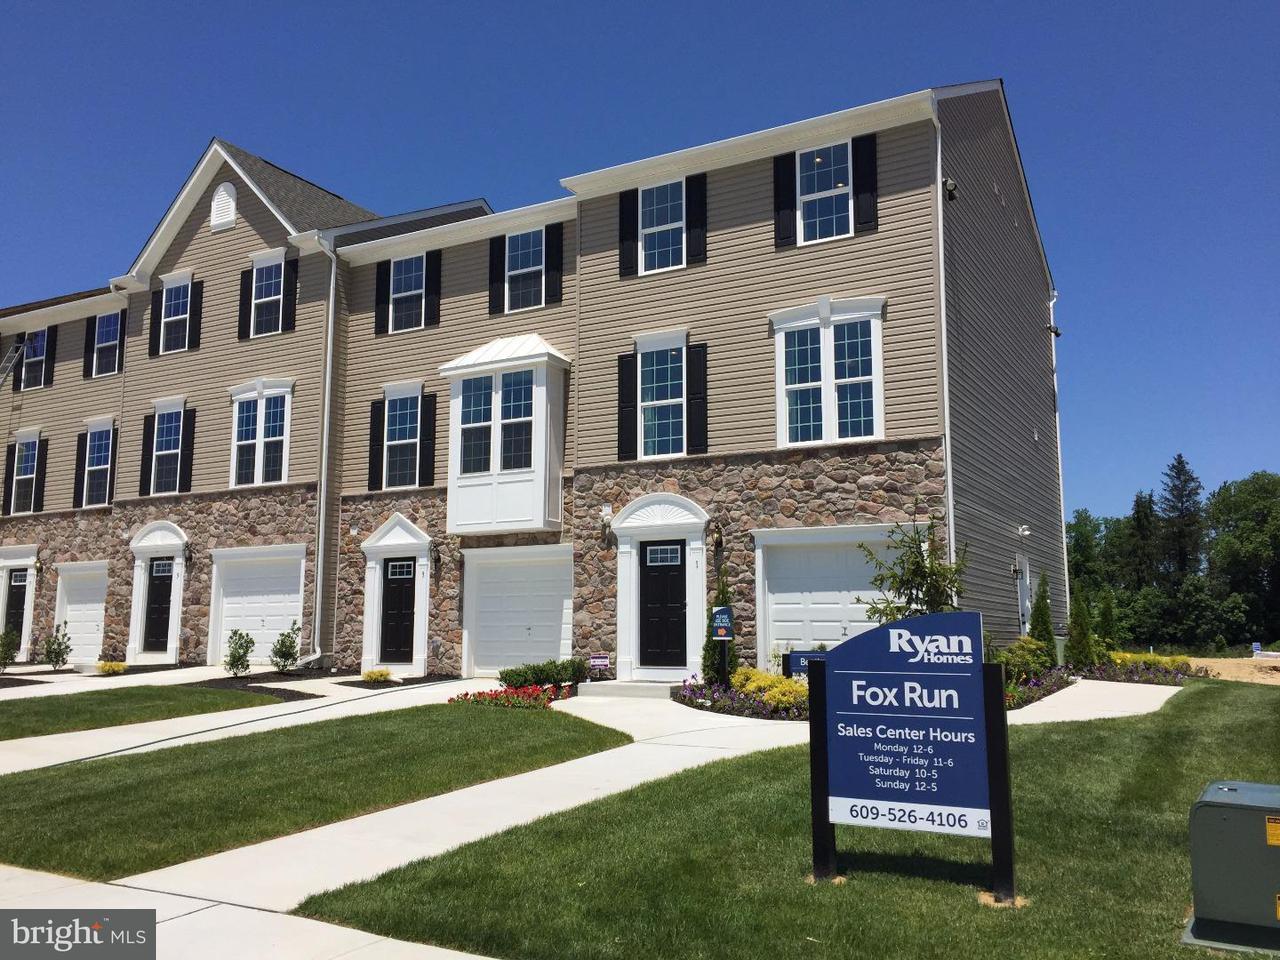 联栋屋 为 销售 在 13 BENFORD Lane Edgewater Park, 新泽西州 08010 美国